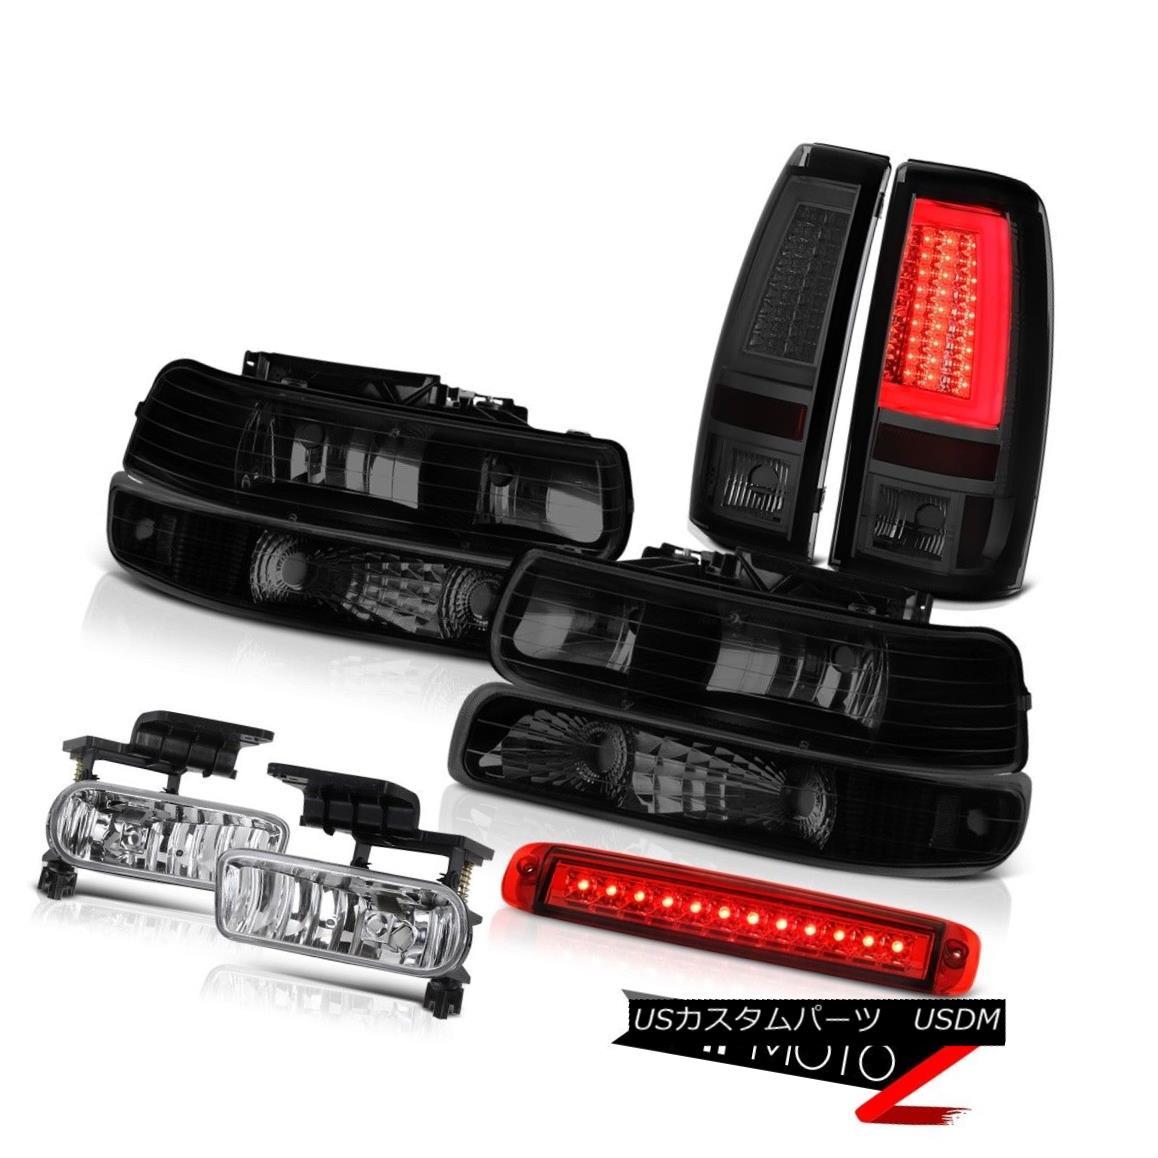 テールライト 99 00 01 02 Silverado 3500 Tail Lights Headlights Bumper Red Roof Cab Light Fog 99 00 01 02シルバラード3500テールライトヘッドライトバンパーレッドルーフキャブライトフォグ